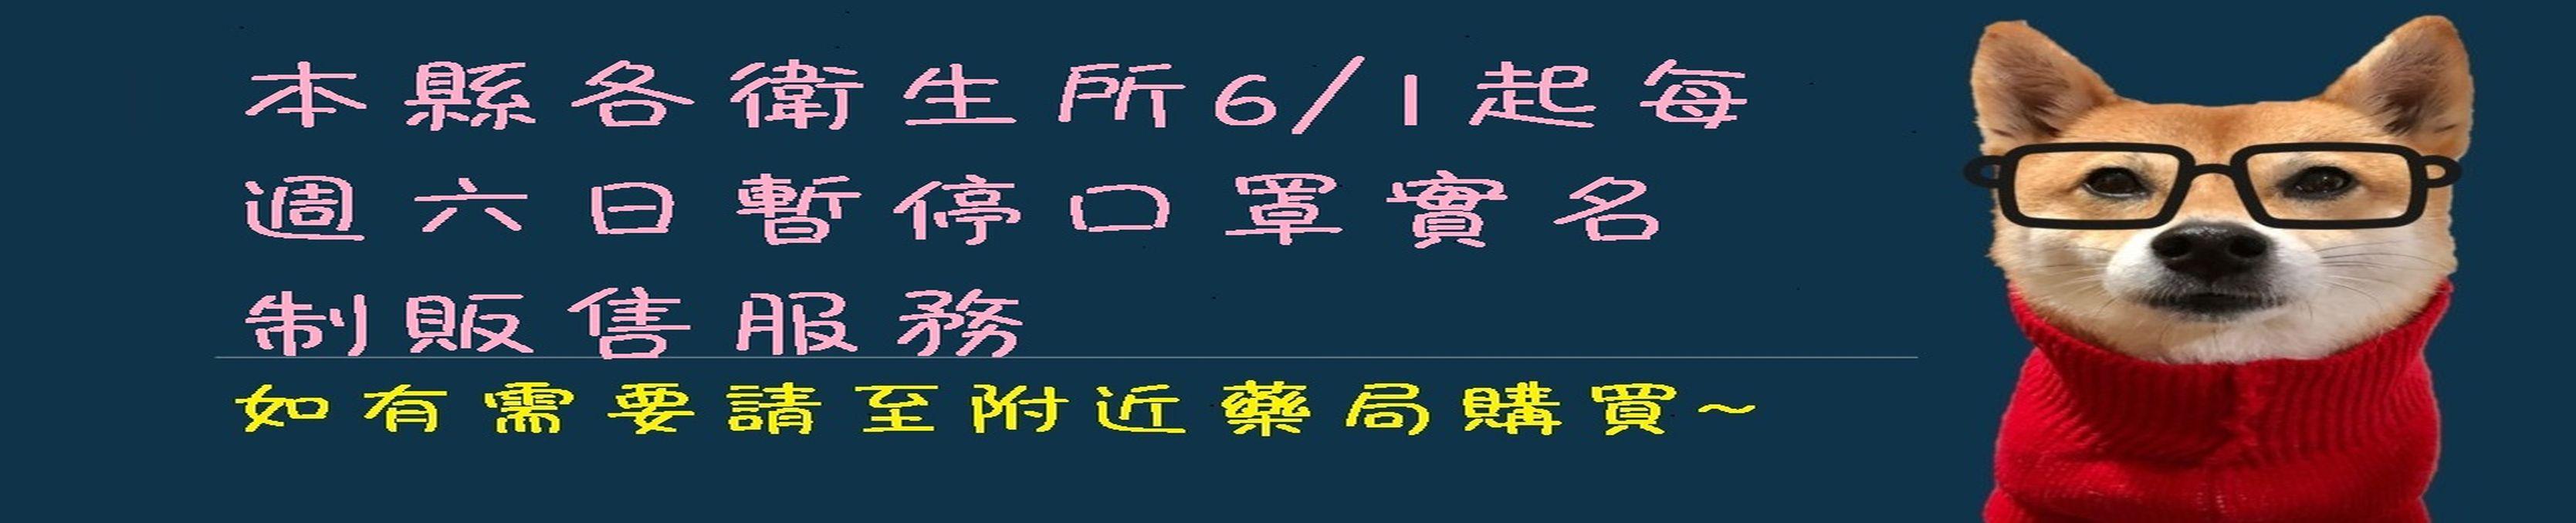 6/1起每週六日暫停口罩實名制販售服務(另開新視窗)